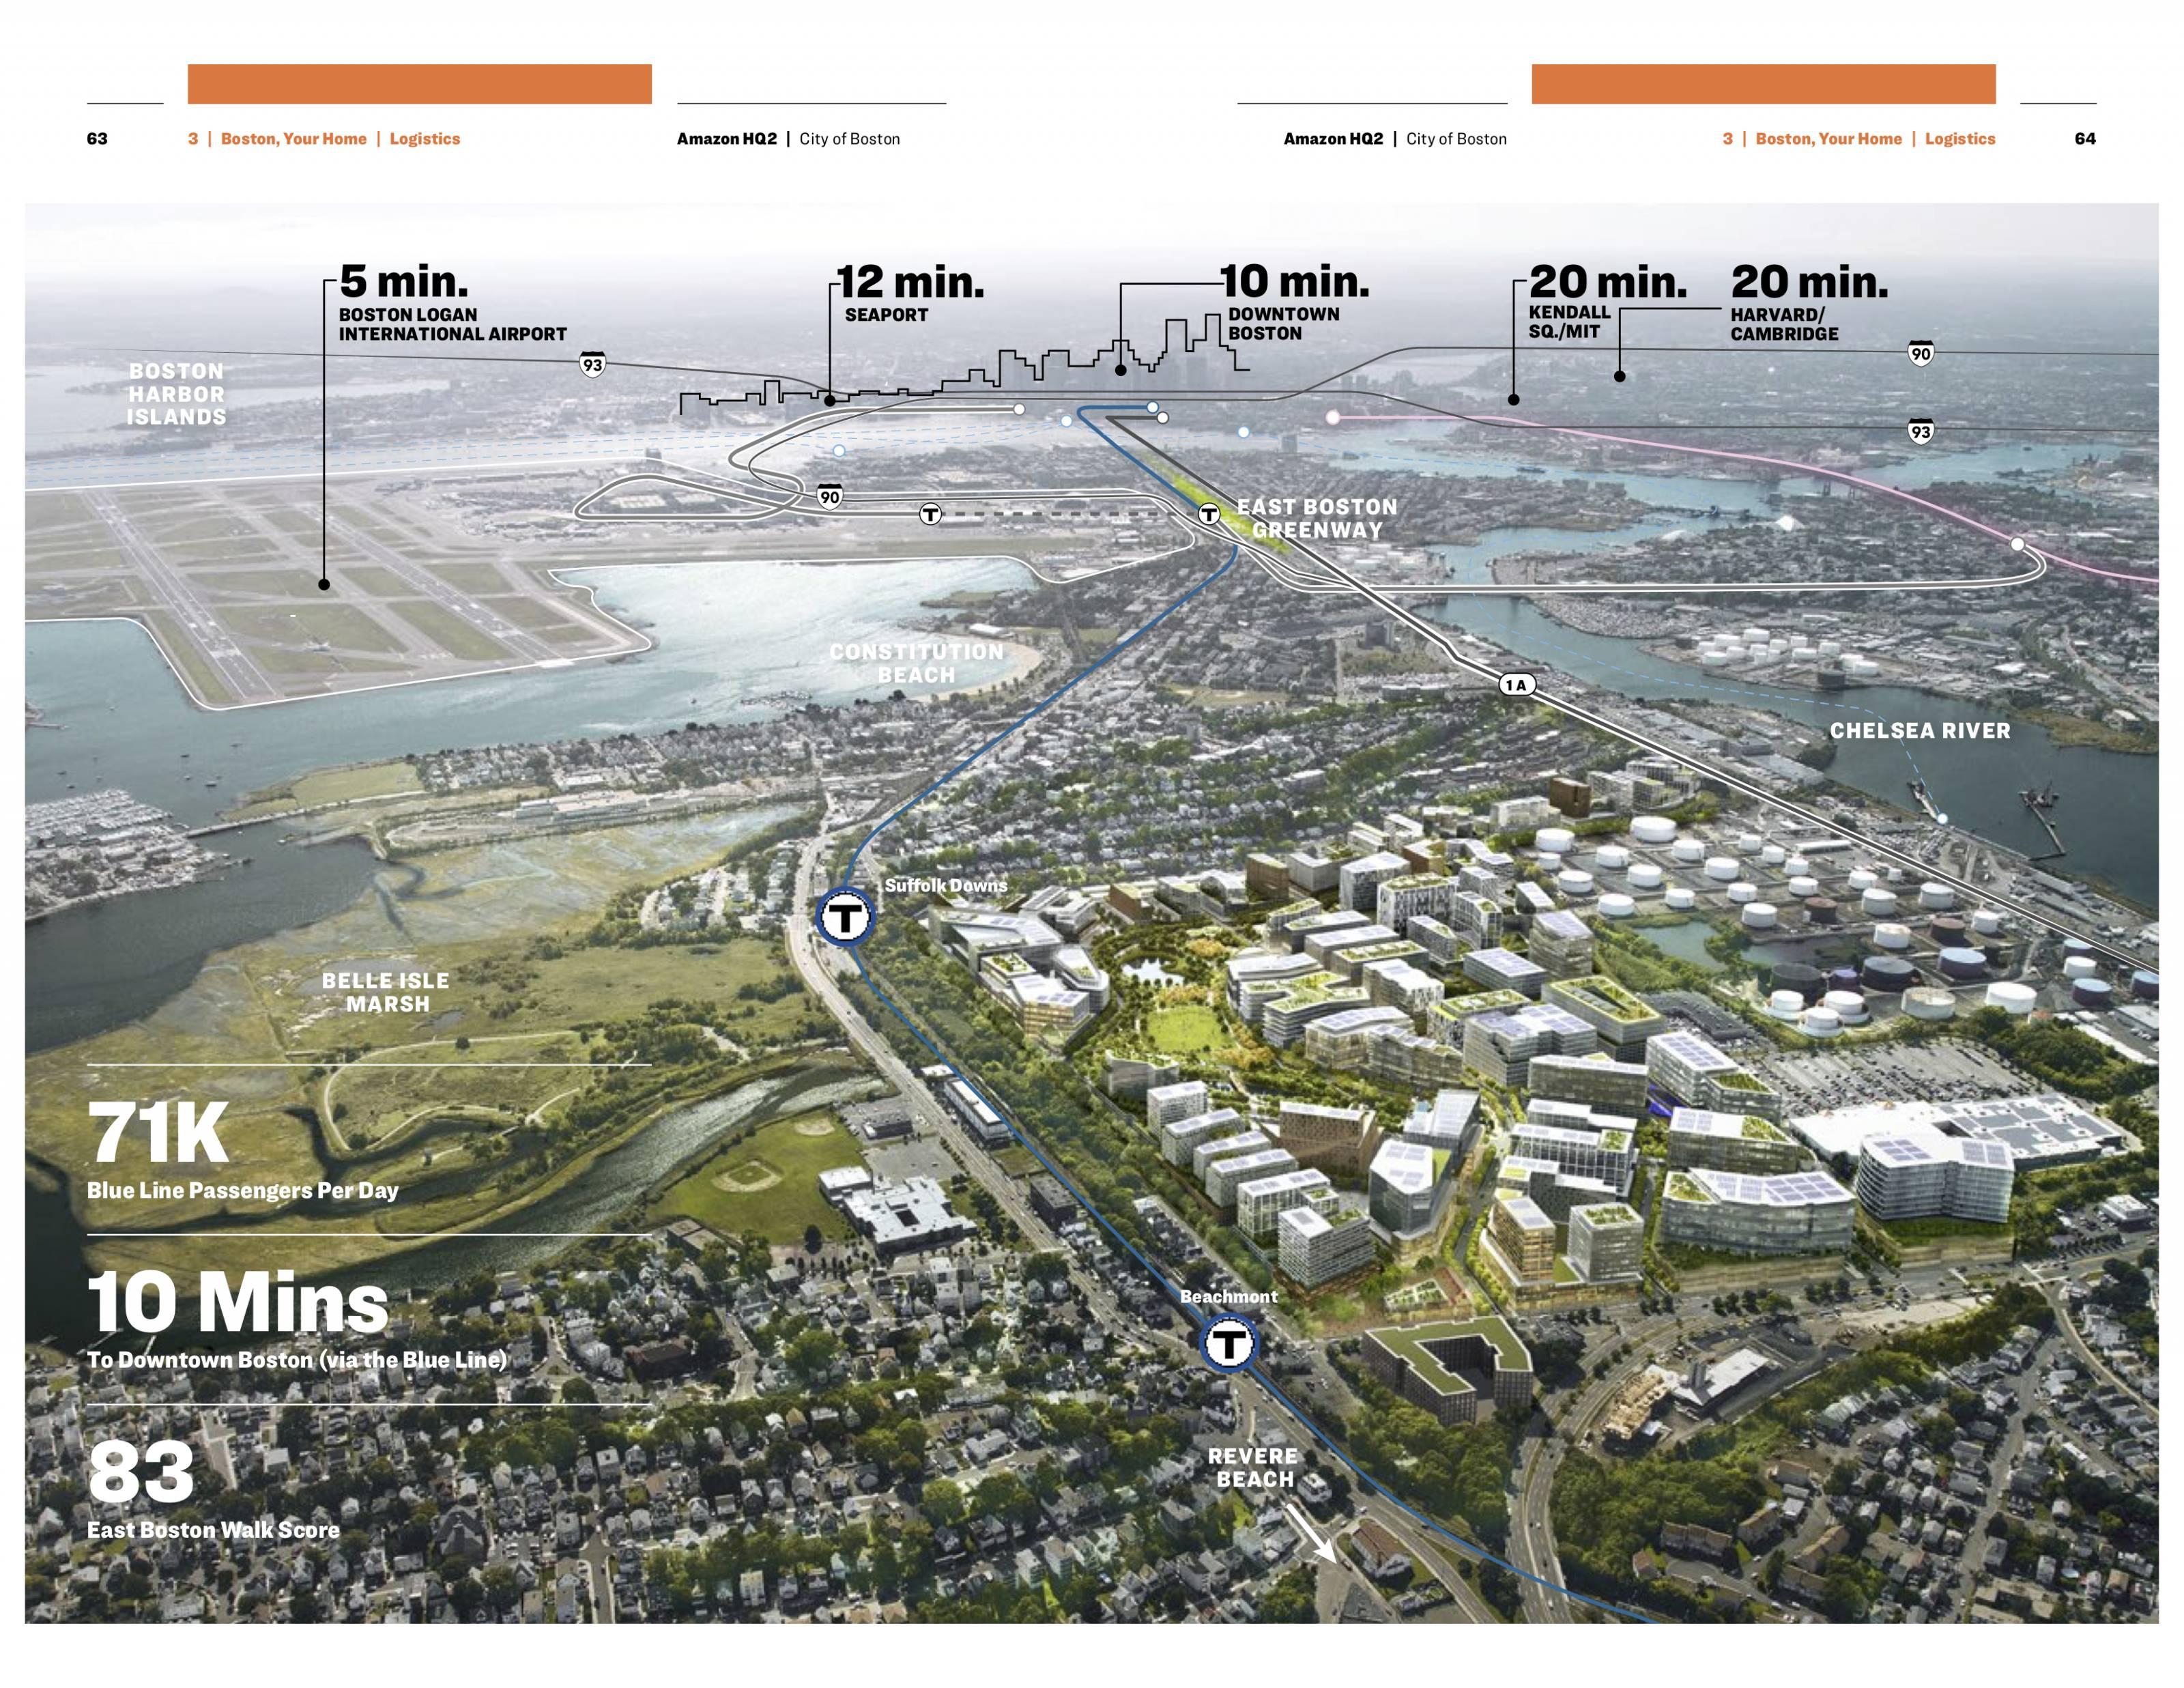 Boston Amazon HQ2 bid map